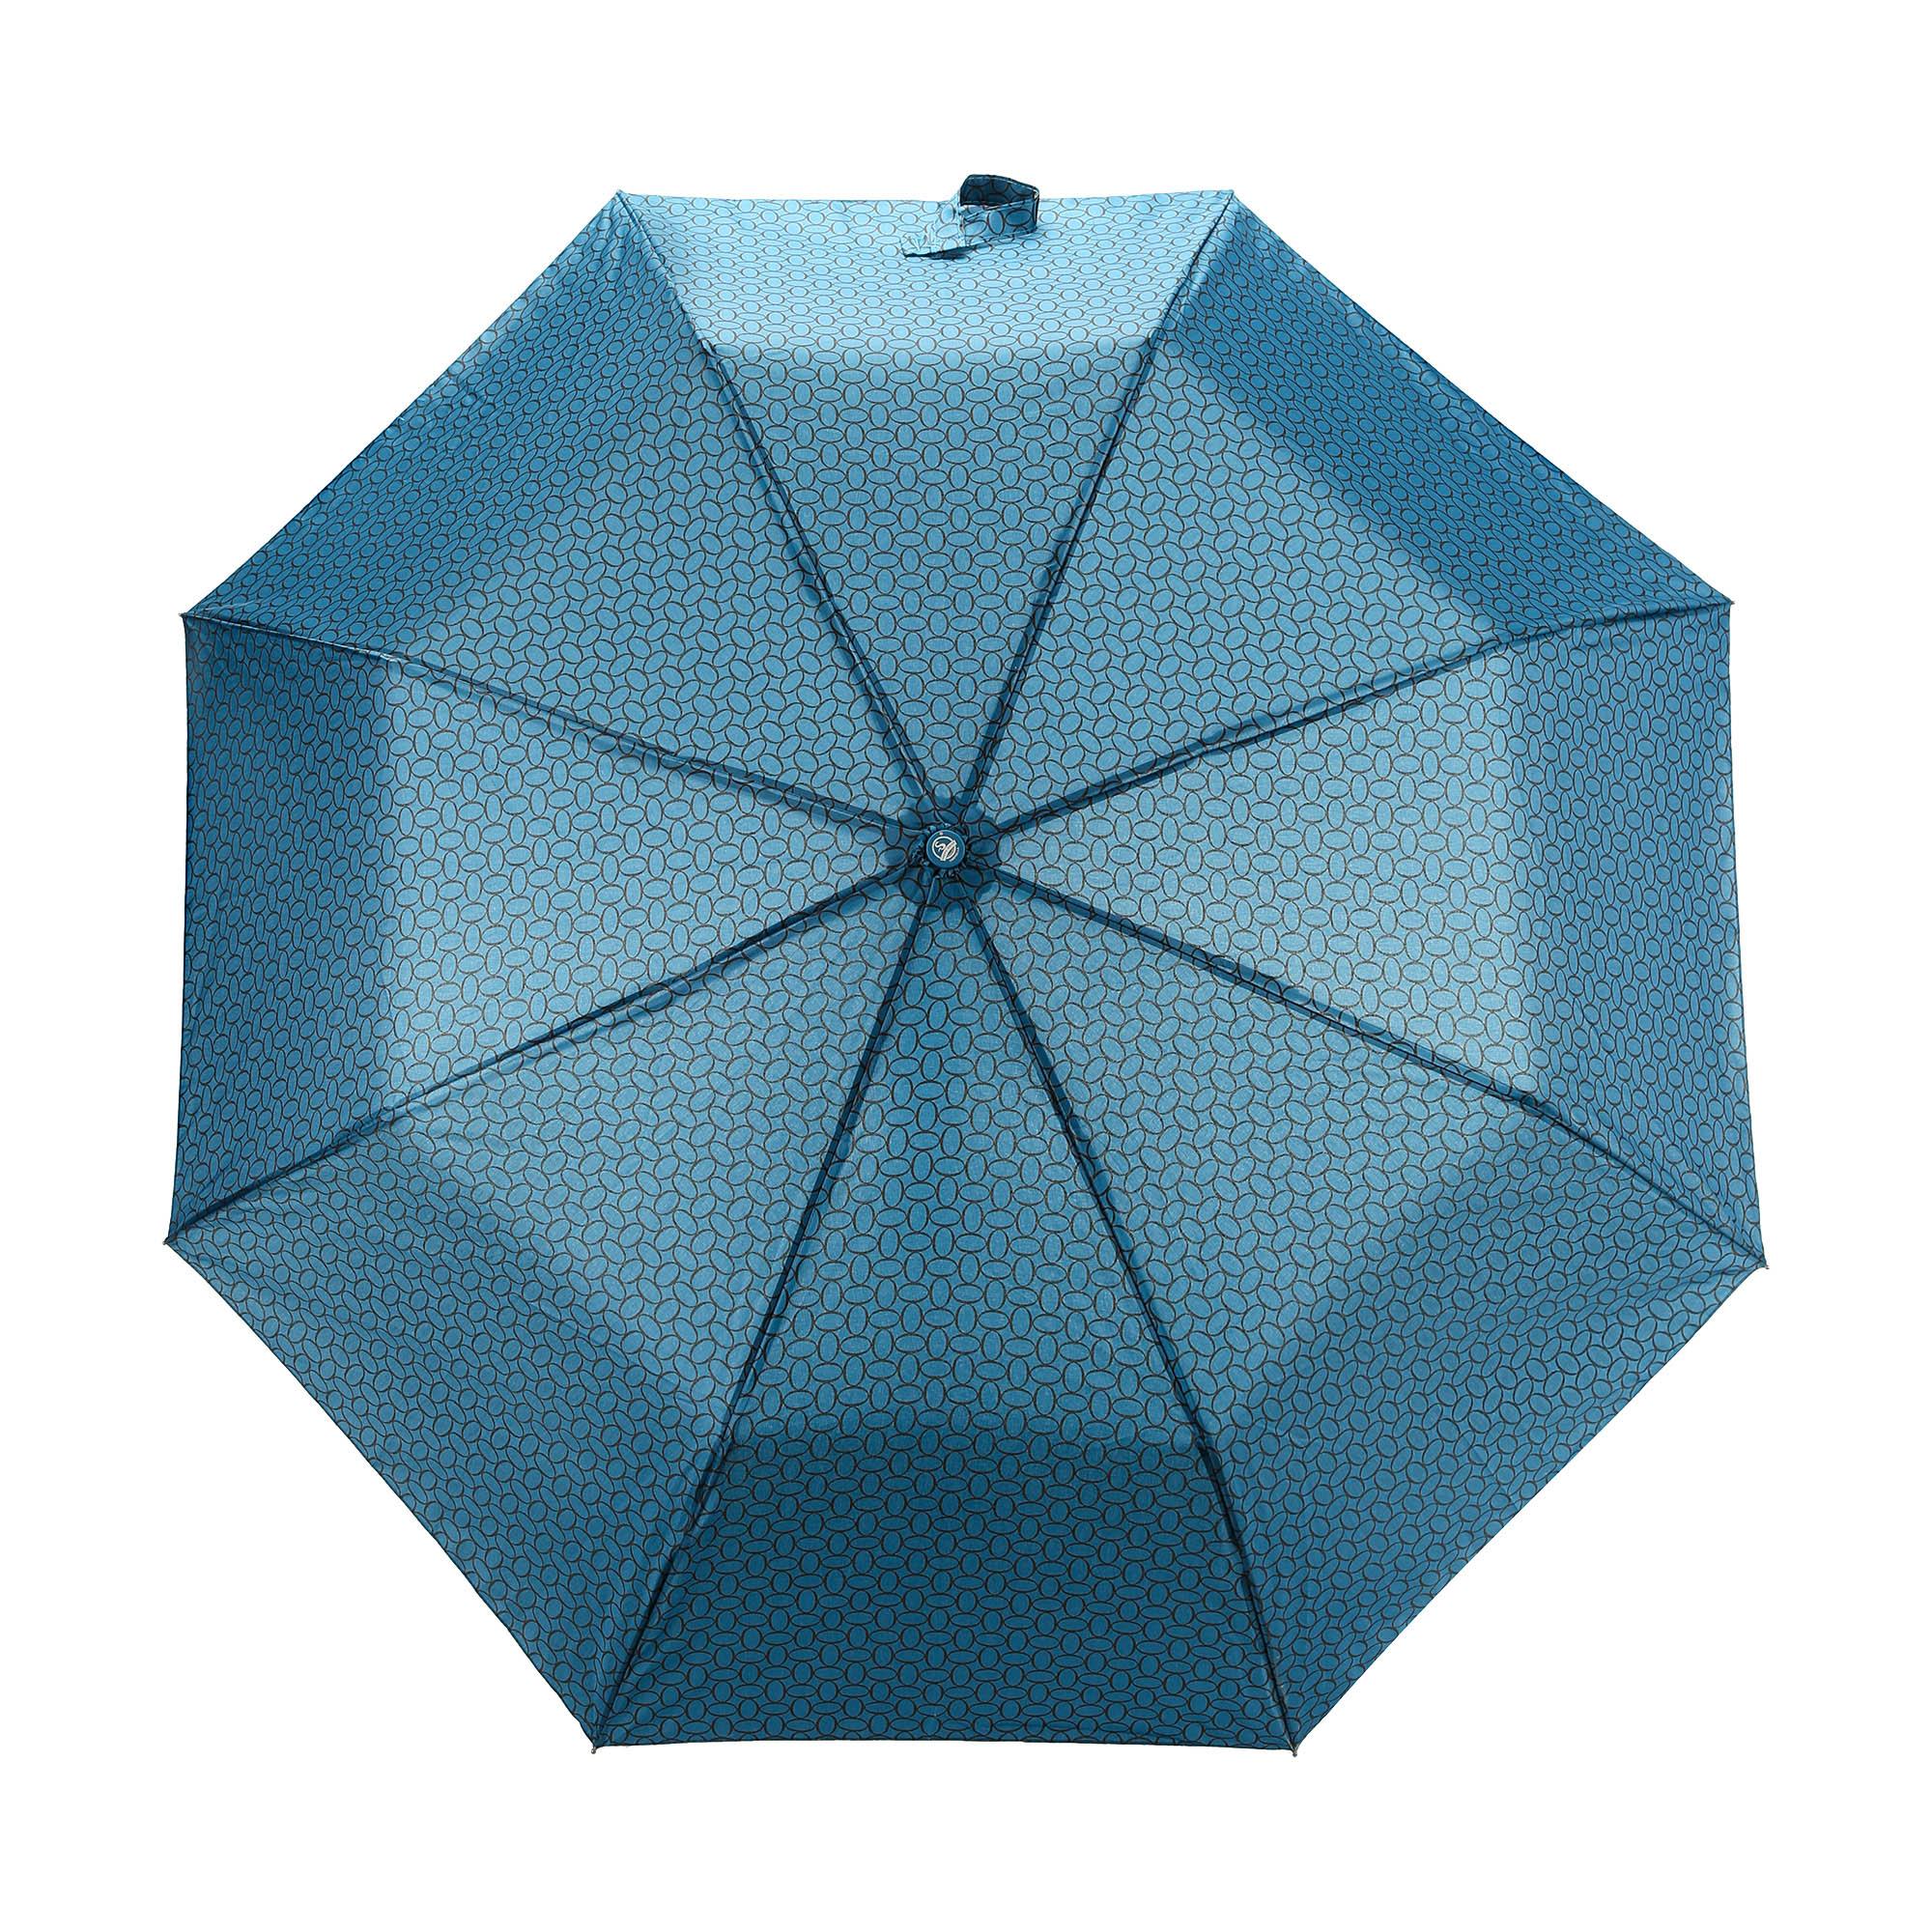 Зонт HAPPY SWAN 756-01Y-13012 фото